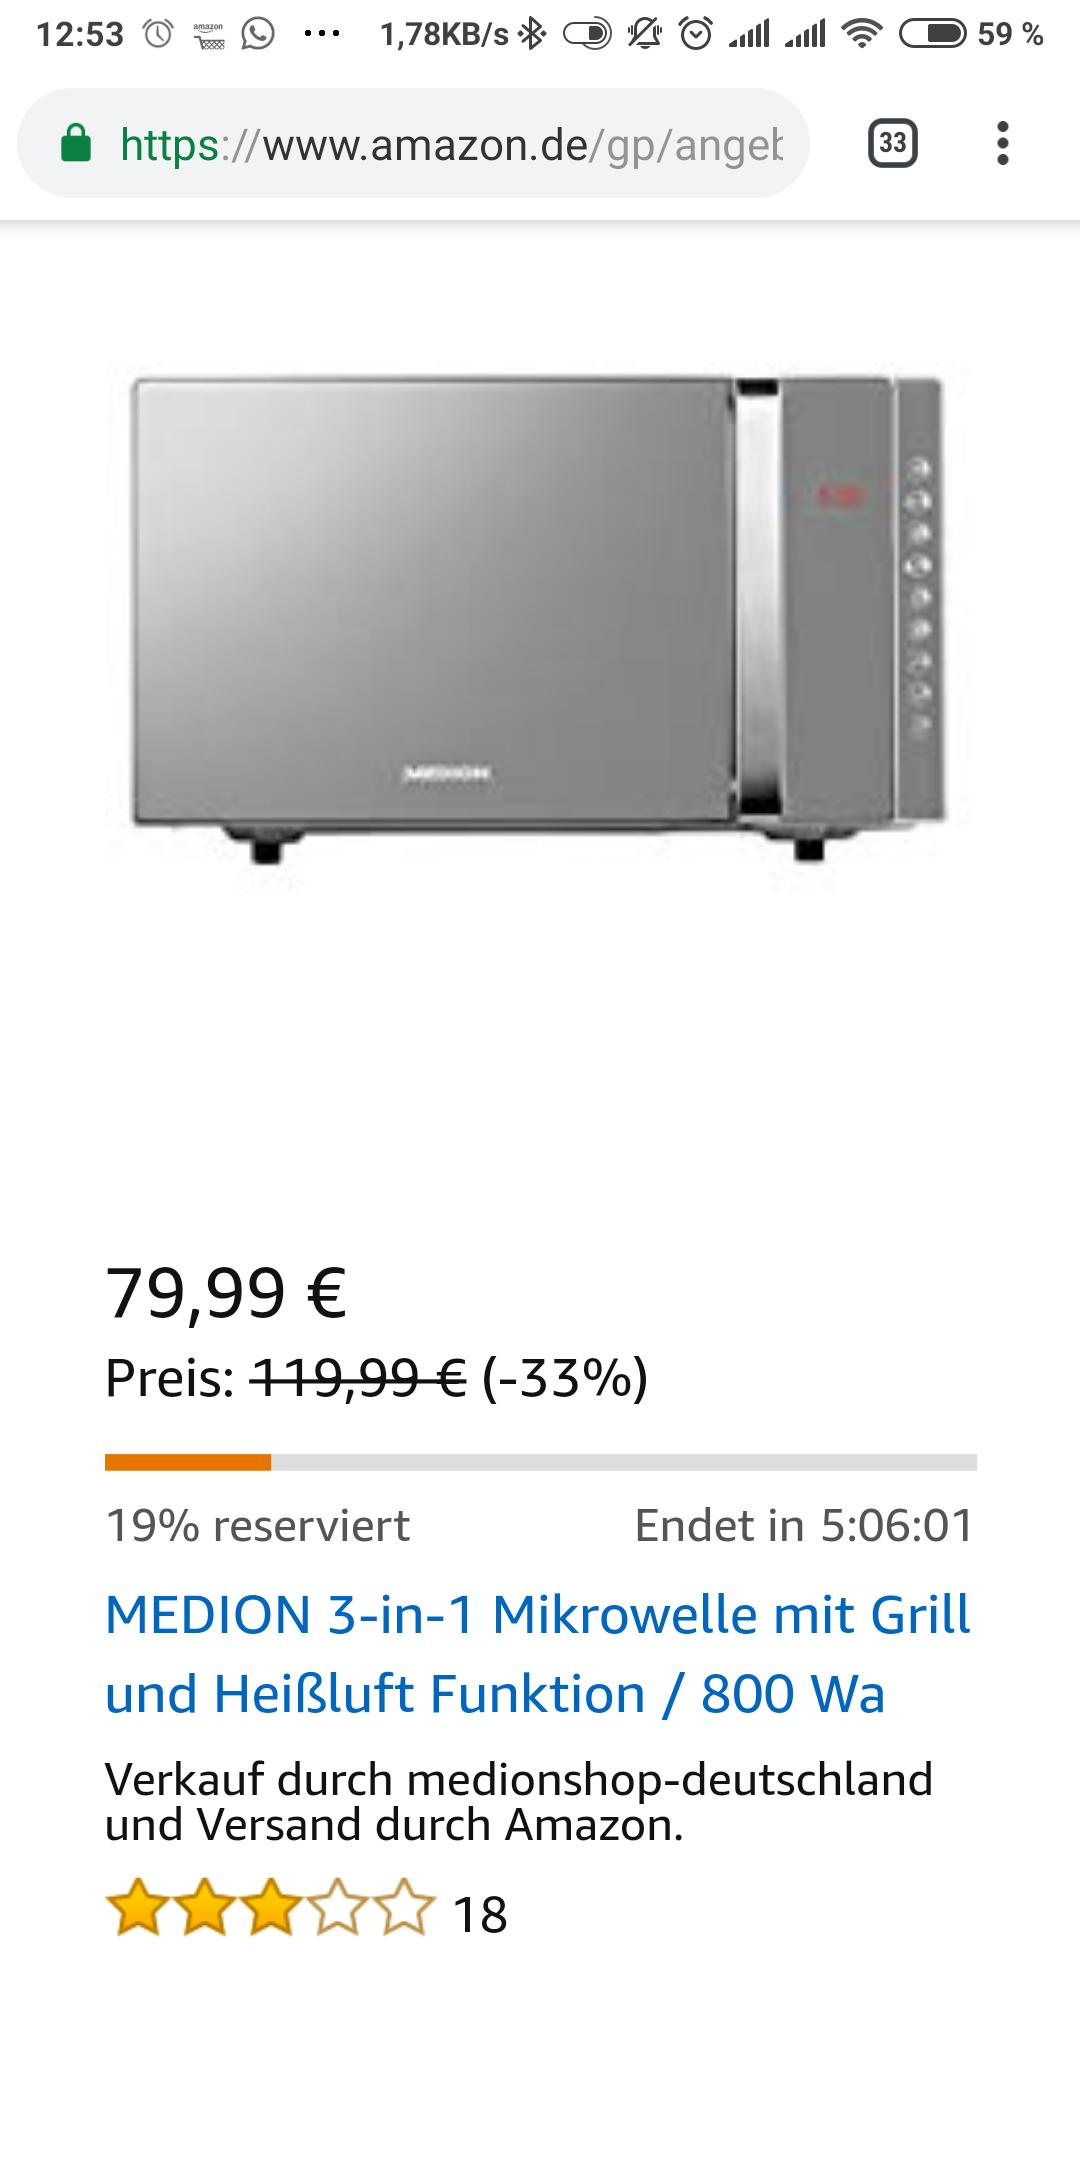 [Amazon Blitzangebot] MEDION 3-in-1 Mikrowelle mit Grill und Heißluft Funktion  / 23 Liter/MD 17495 / silber